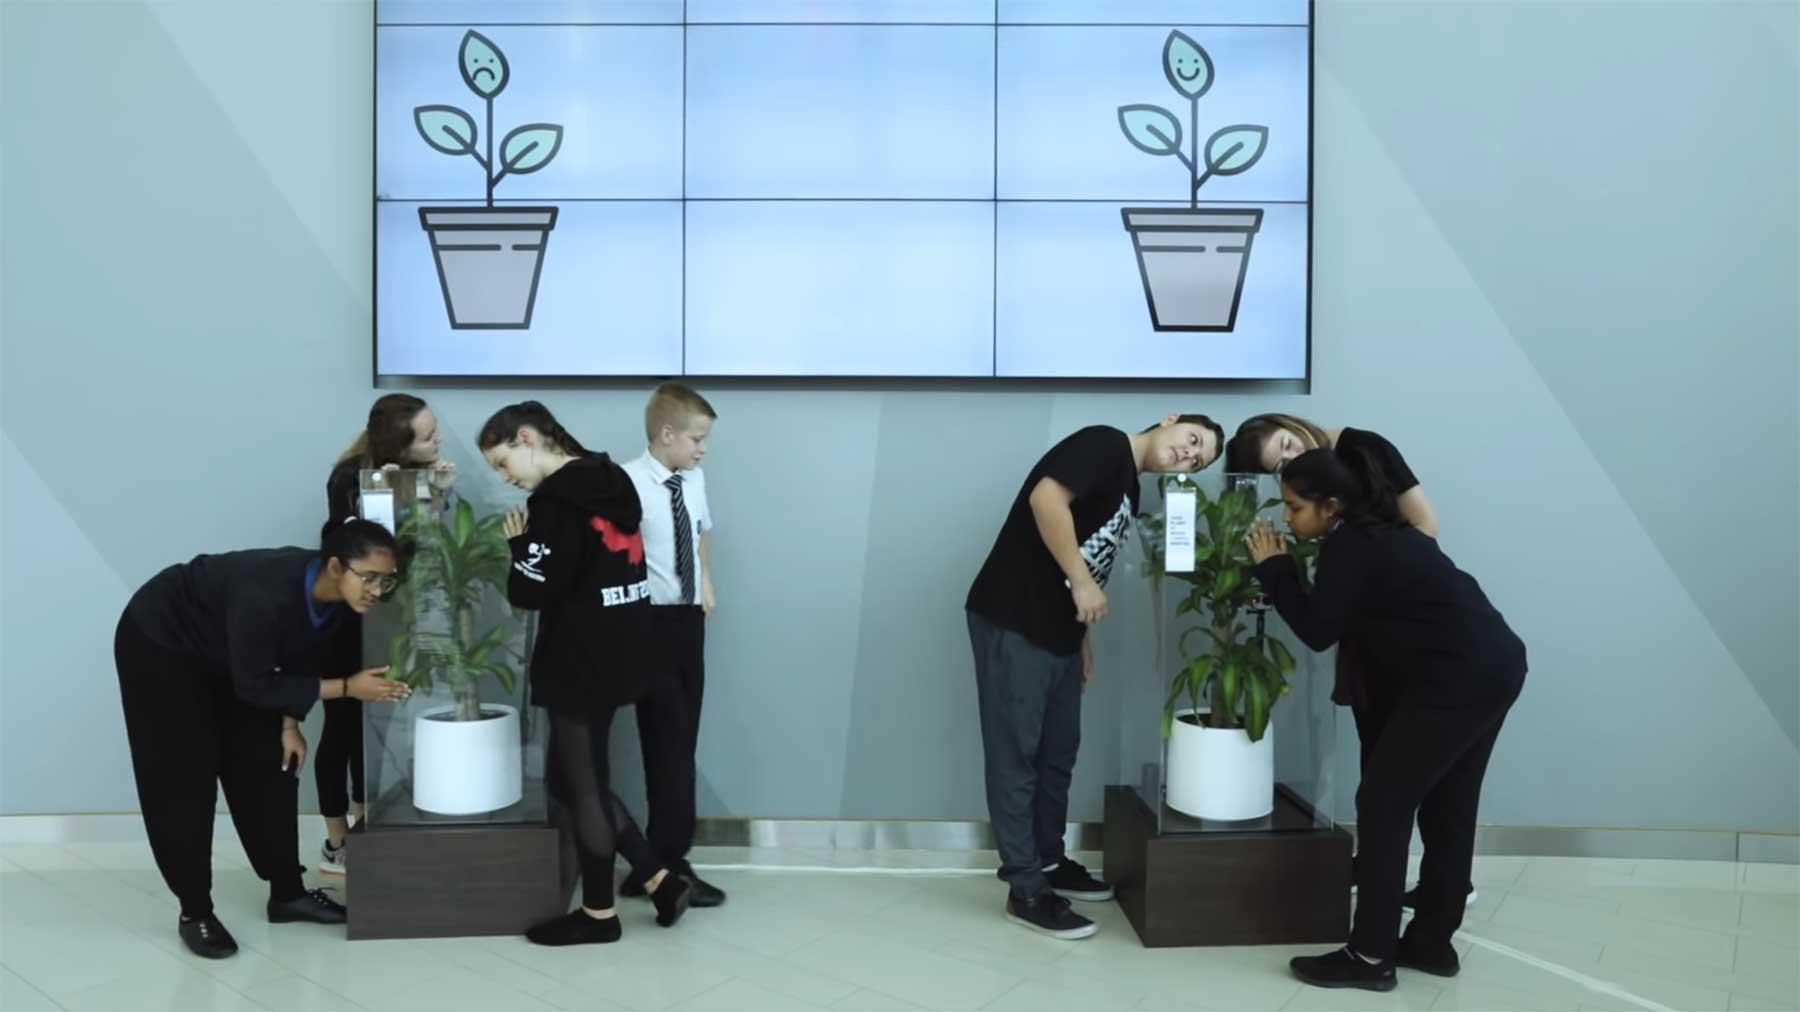 Was passiert, wenn man eine Pflanze 30 Tage lang mobbt? pflanze-mobben-experiment